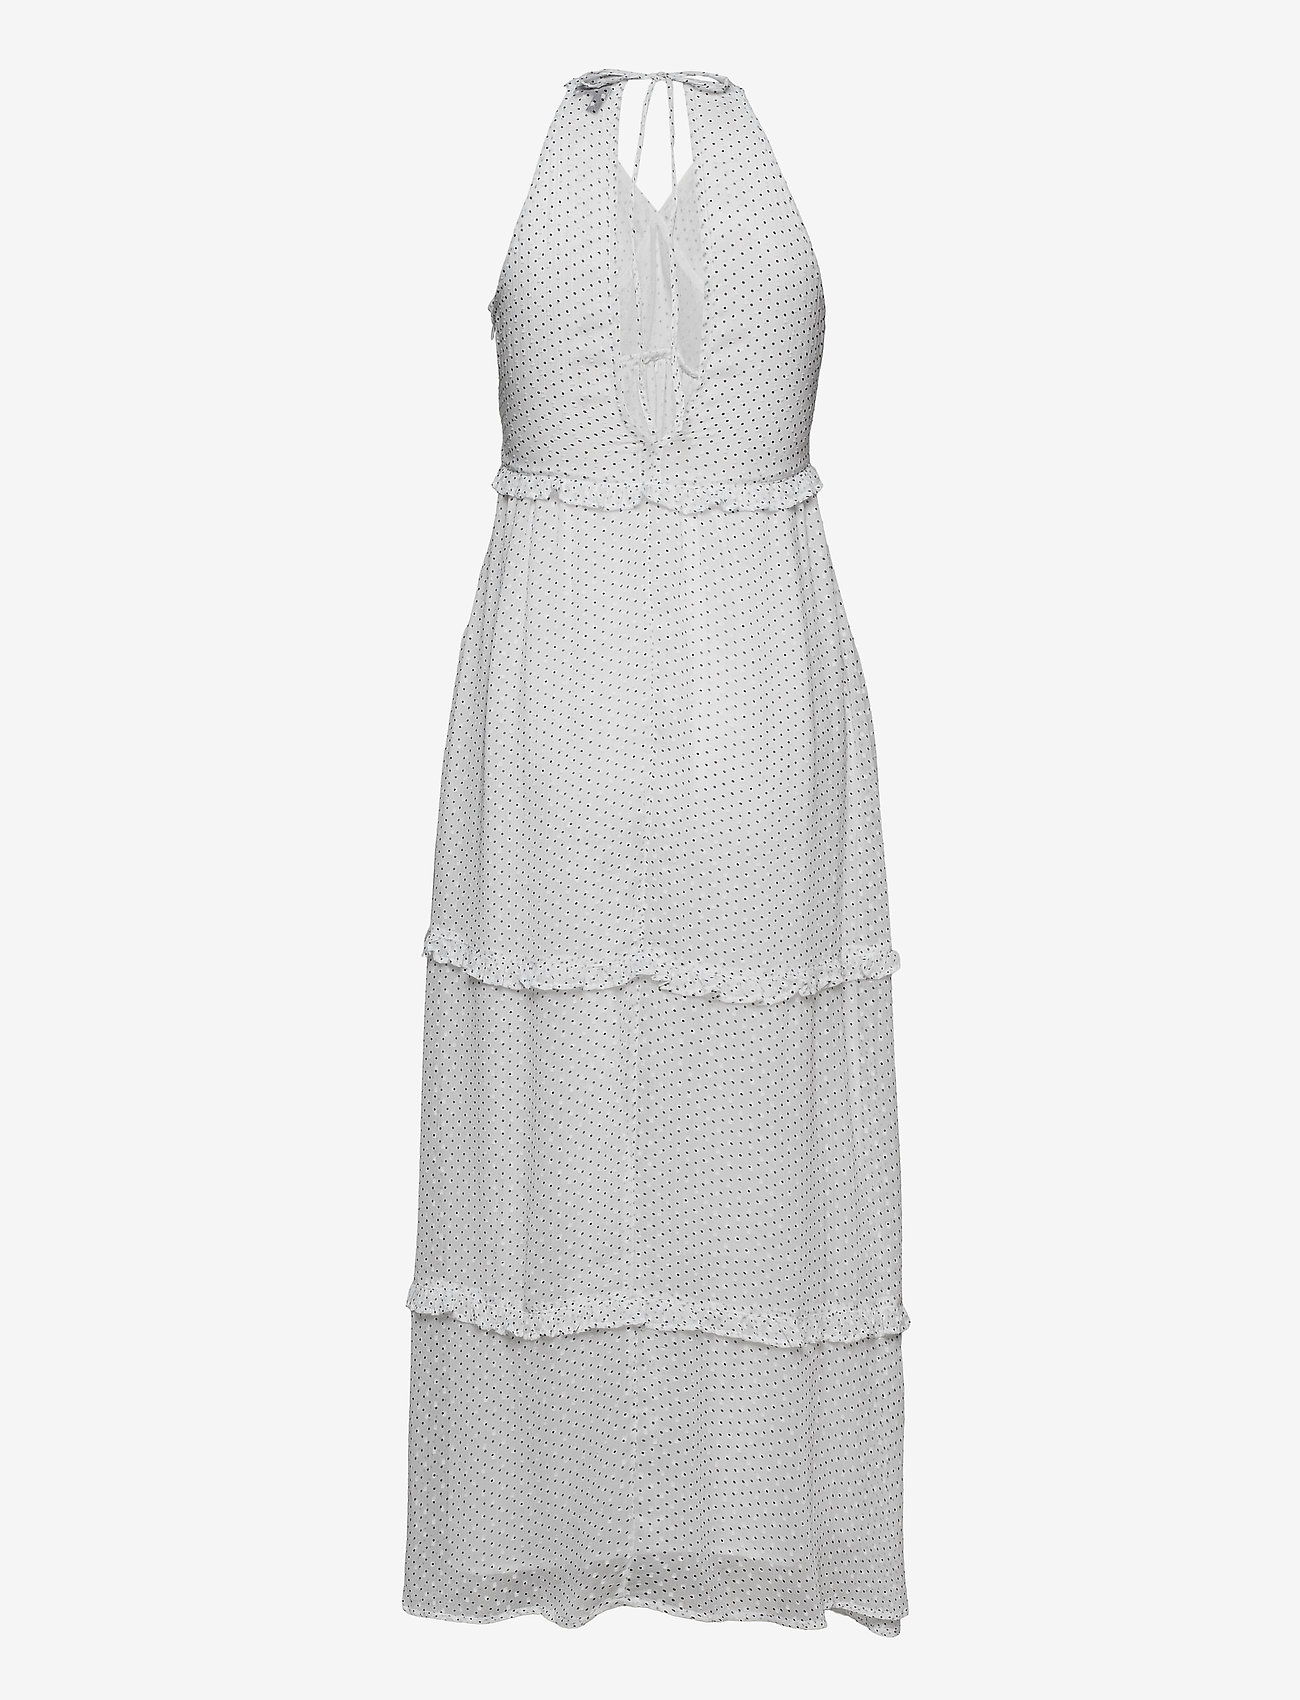 Superdry - MARGAUX MAXI DRESS - kveldskjoler - white polka dot - 1